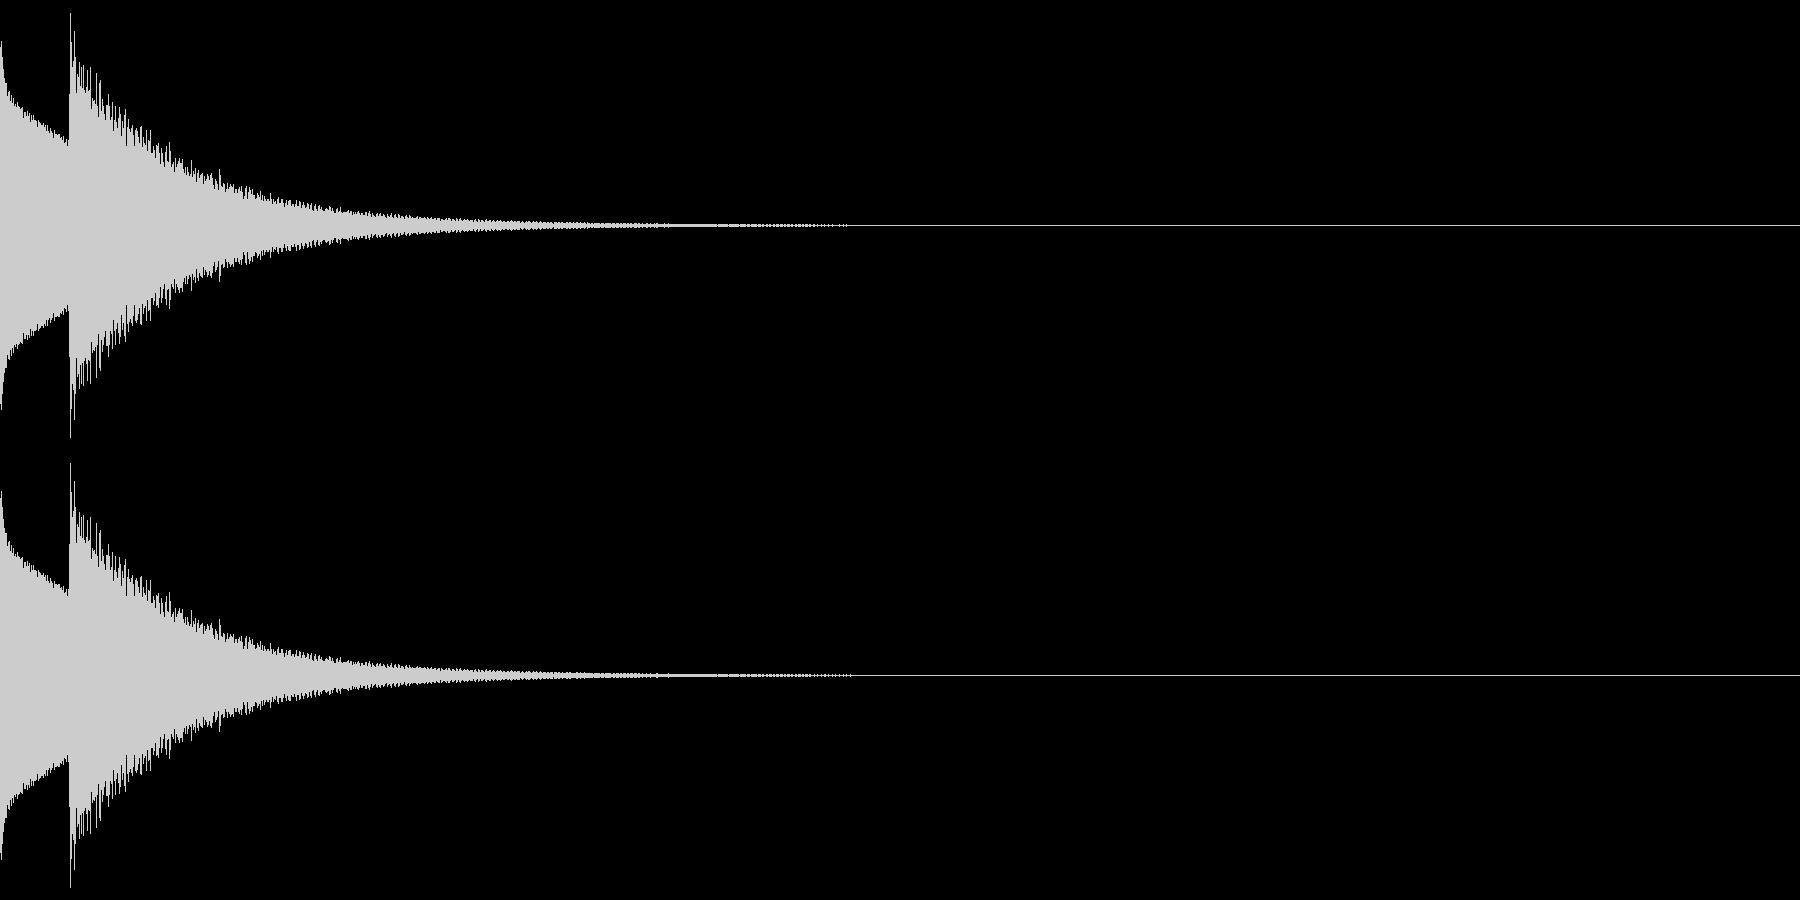 しっくりくるクイズの音 ピンポーン01の未再生の波形